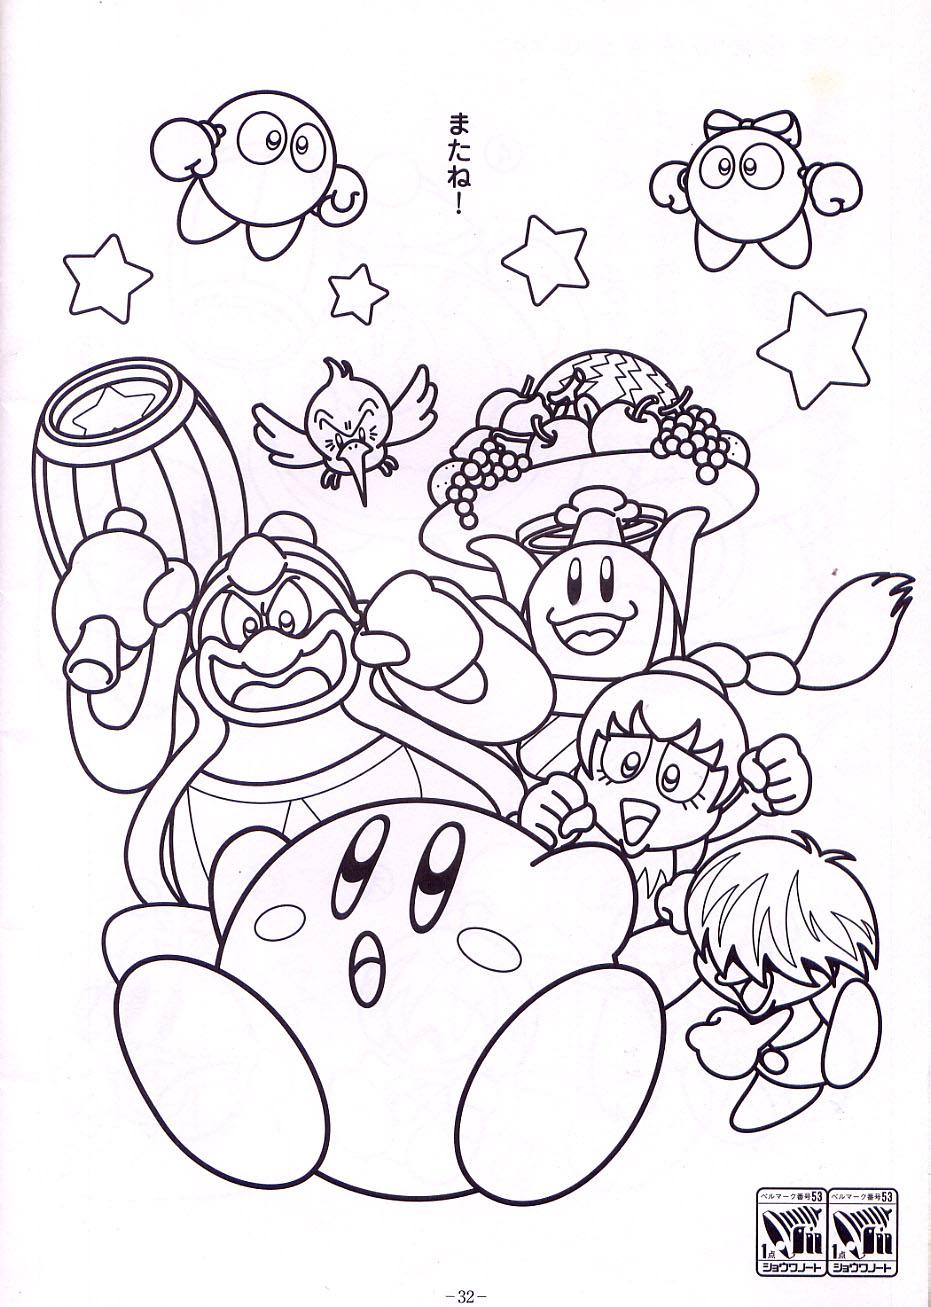 Image 32 run kirbyjpg Kirby